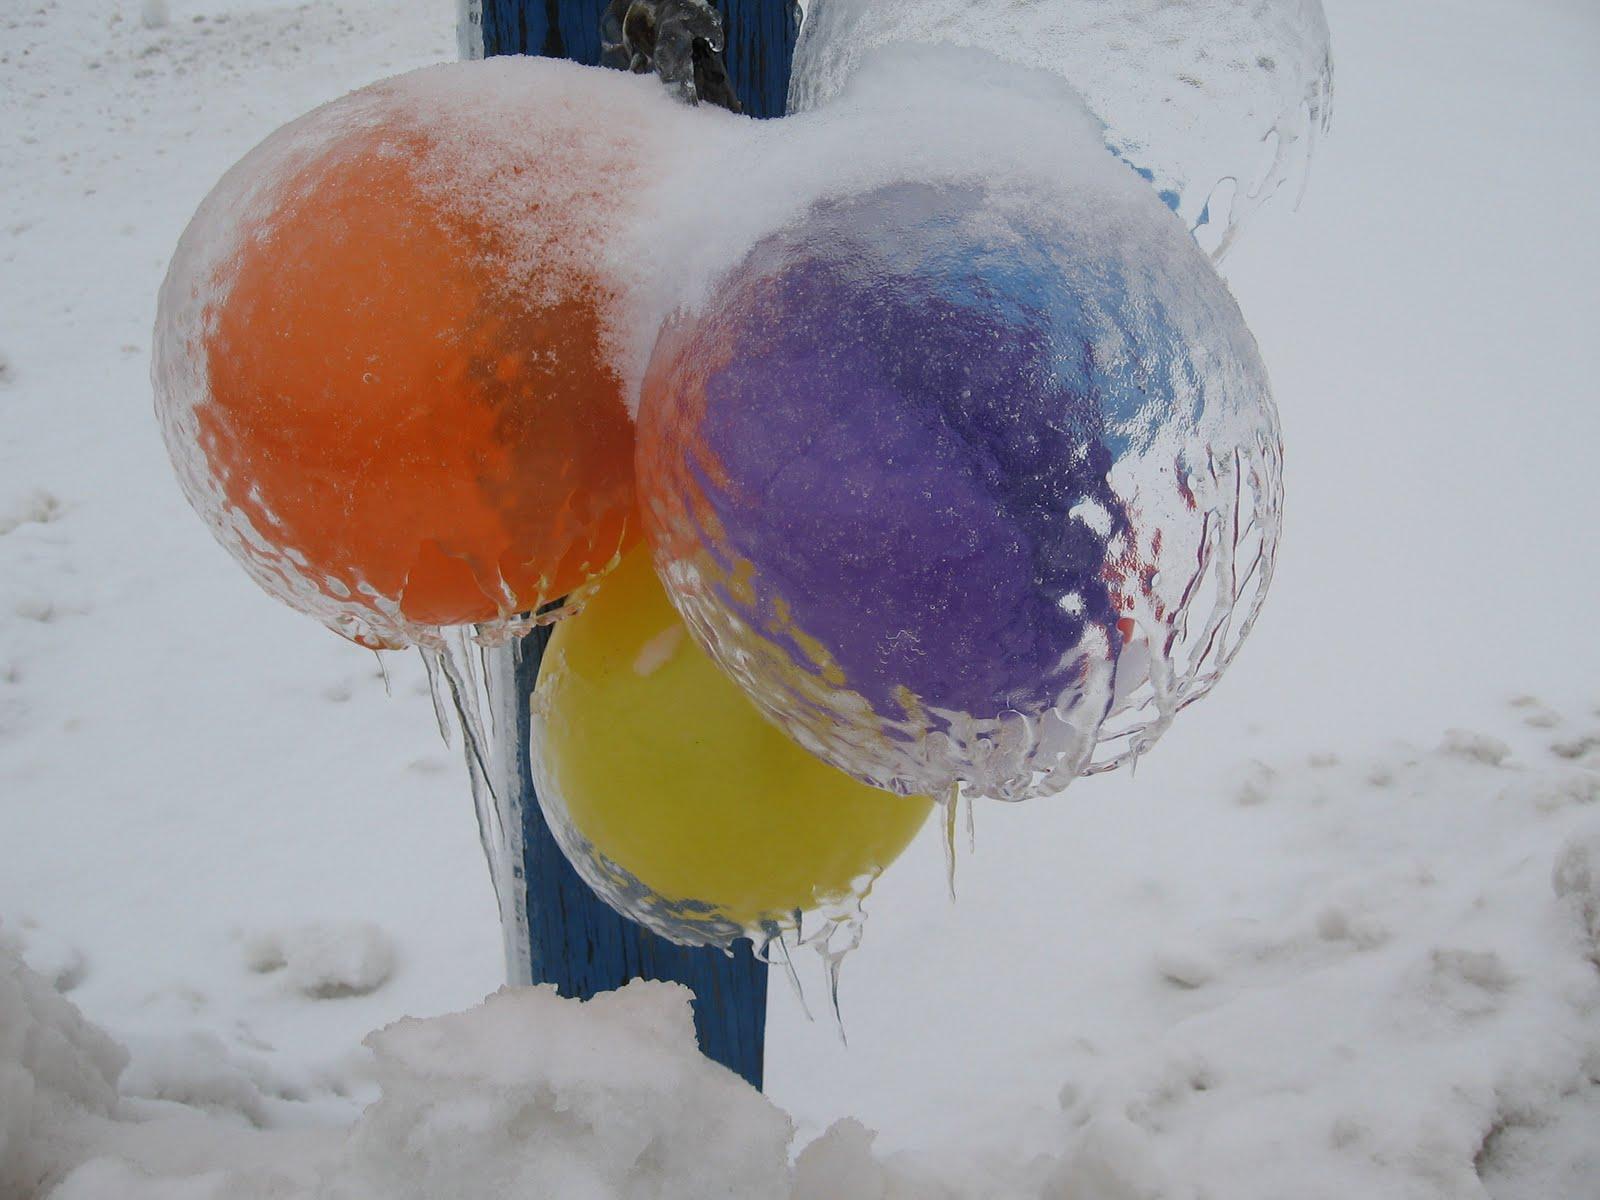 Ice Balloons 76